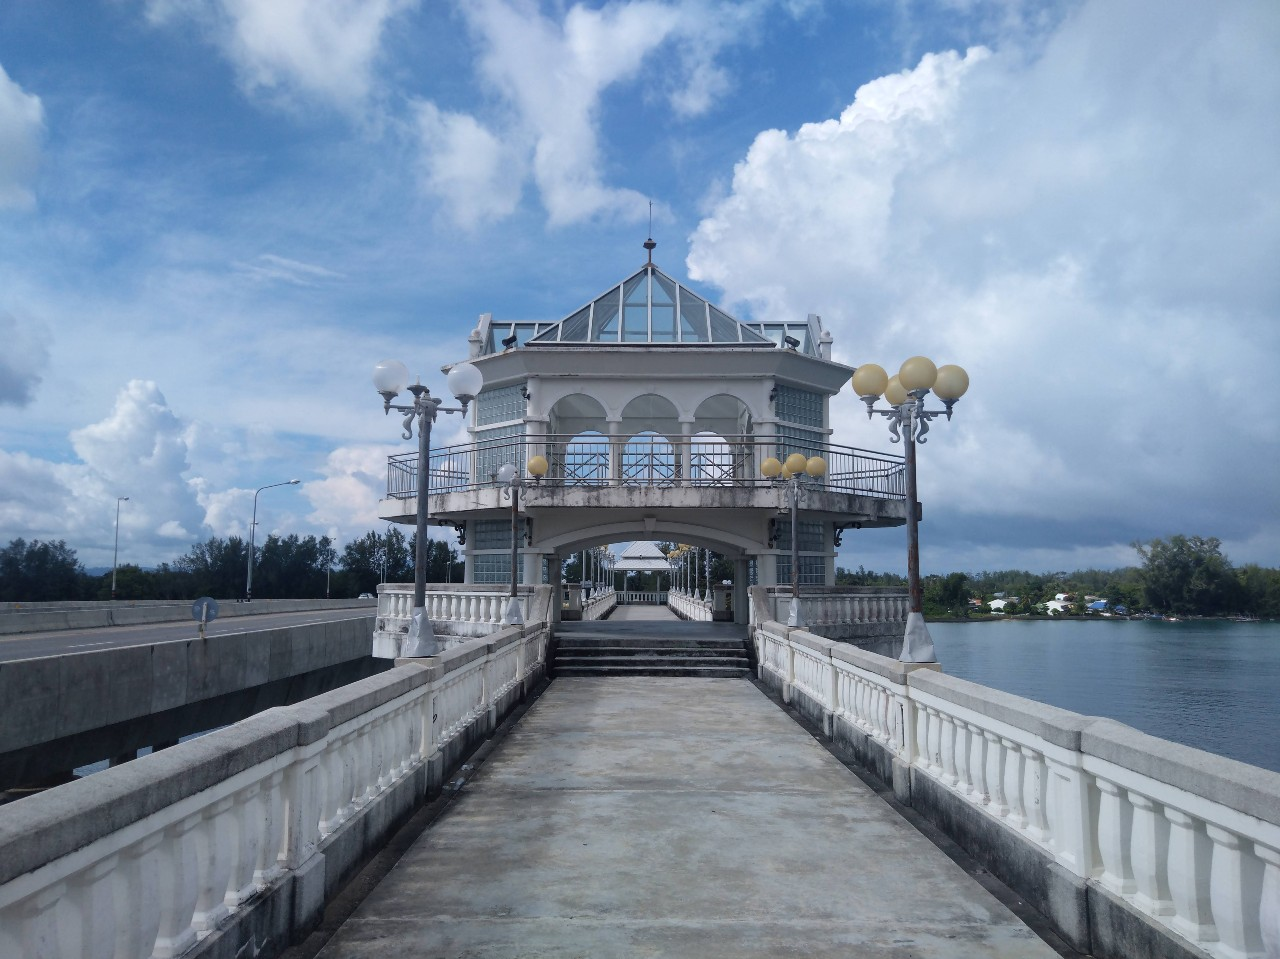 Paviljoen op de oude Sarasin brug van Phuket, Thailand